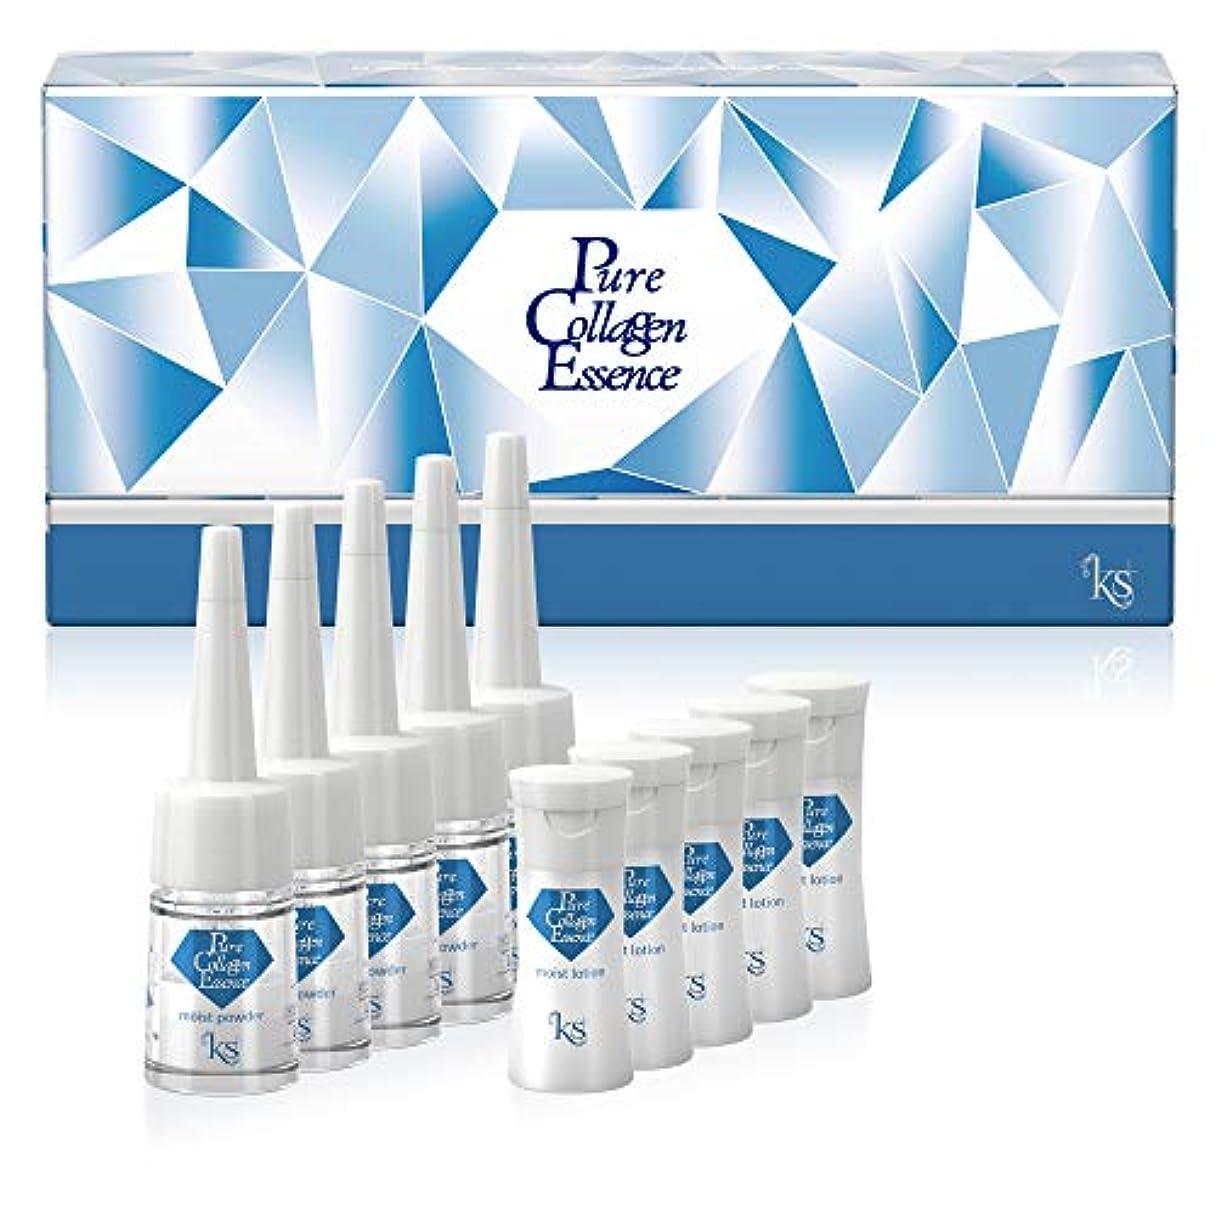 セイはさておき宇宙の酸化物ピュアコラーゲンエッセンス Pure Collagen Essence〈美容液〉5セット(パウダー美容液・美容液 各5本入り)生コラーゲン ヒアルロン酸